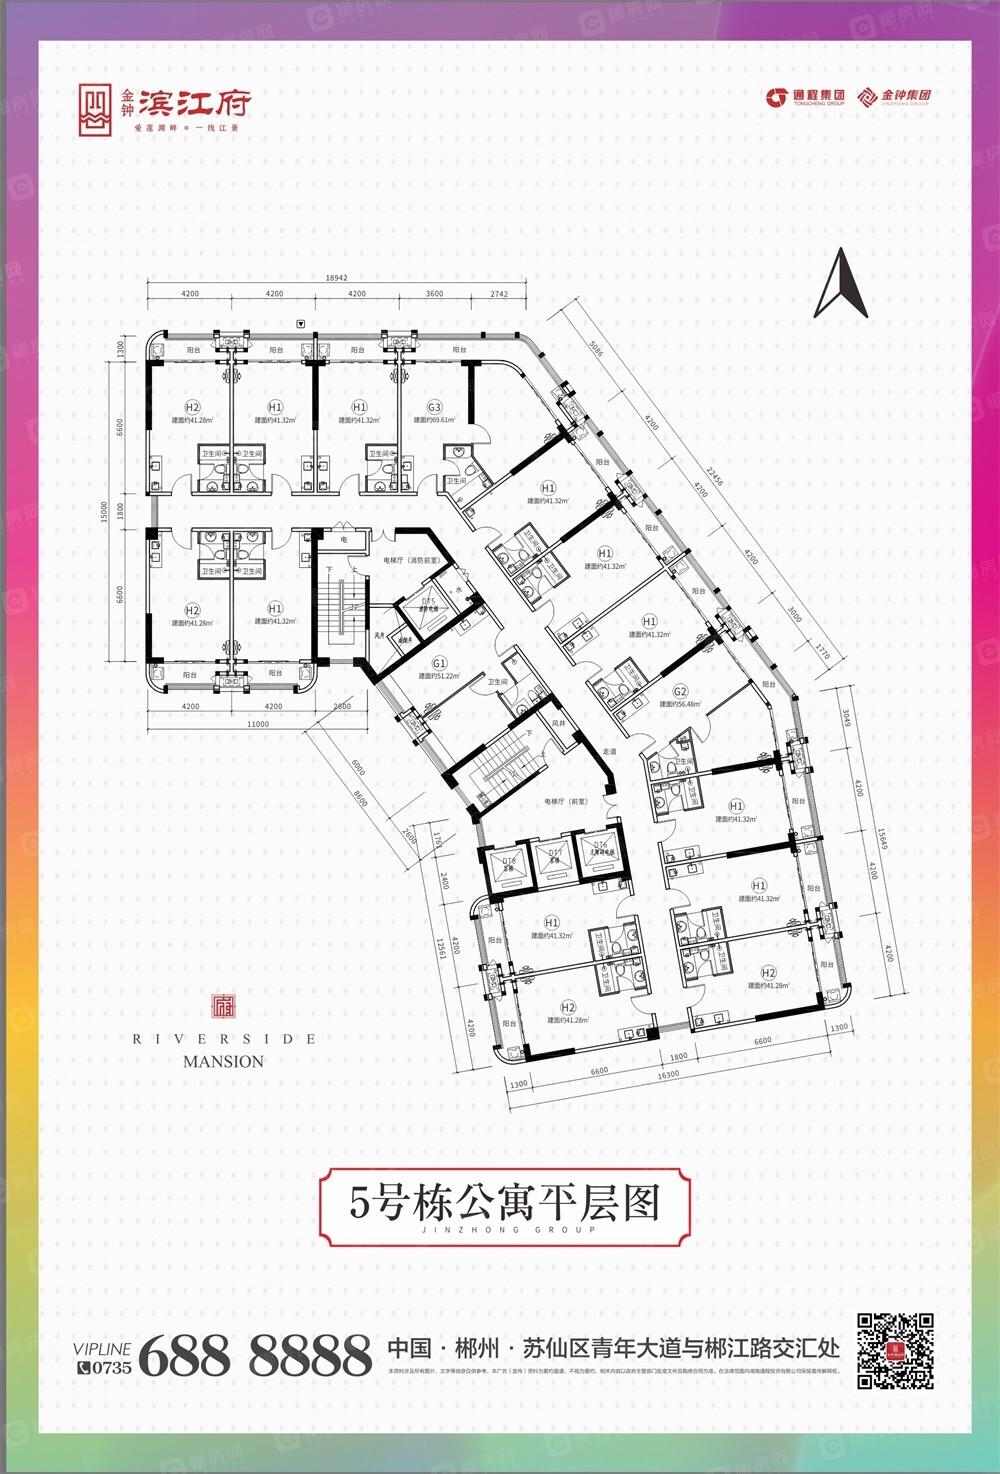 金钟·购物公园5栋公寓平层图